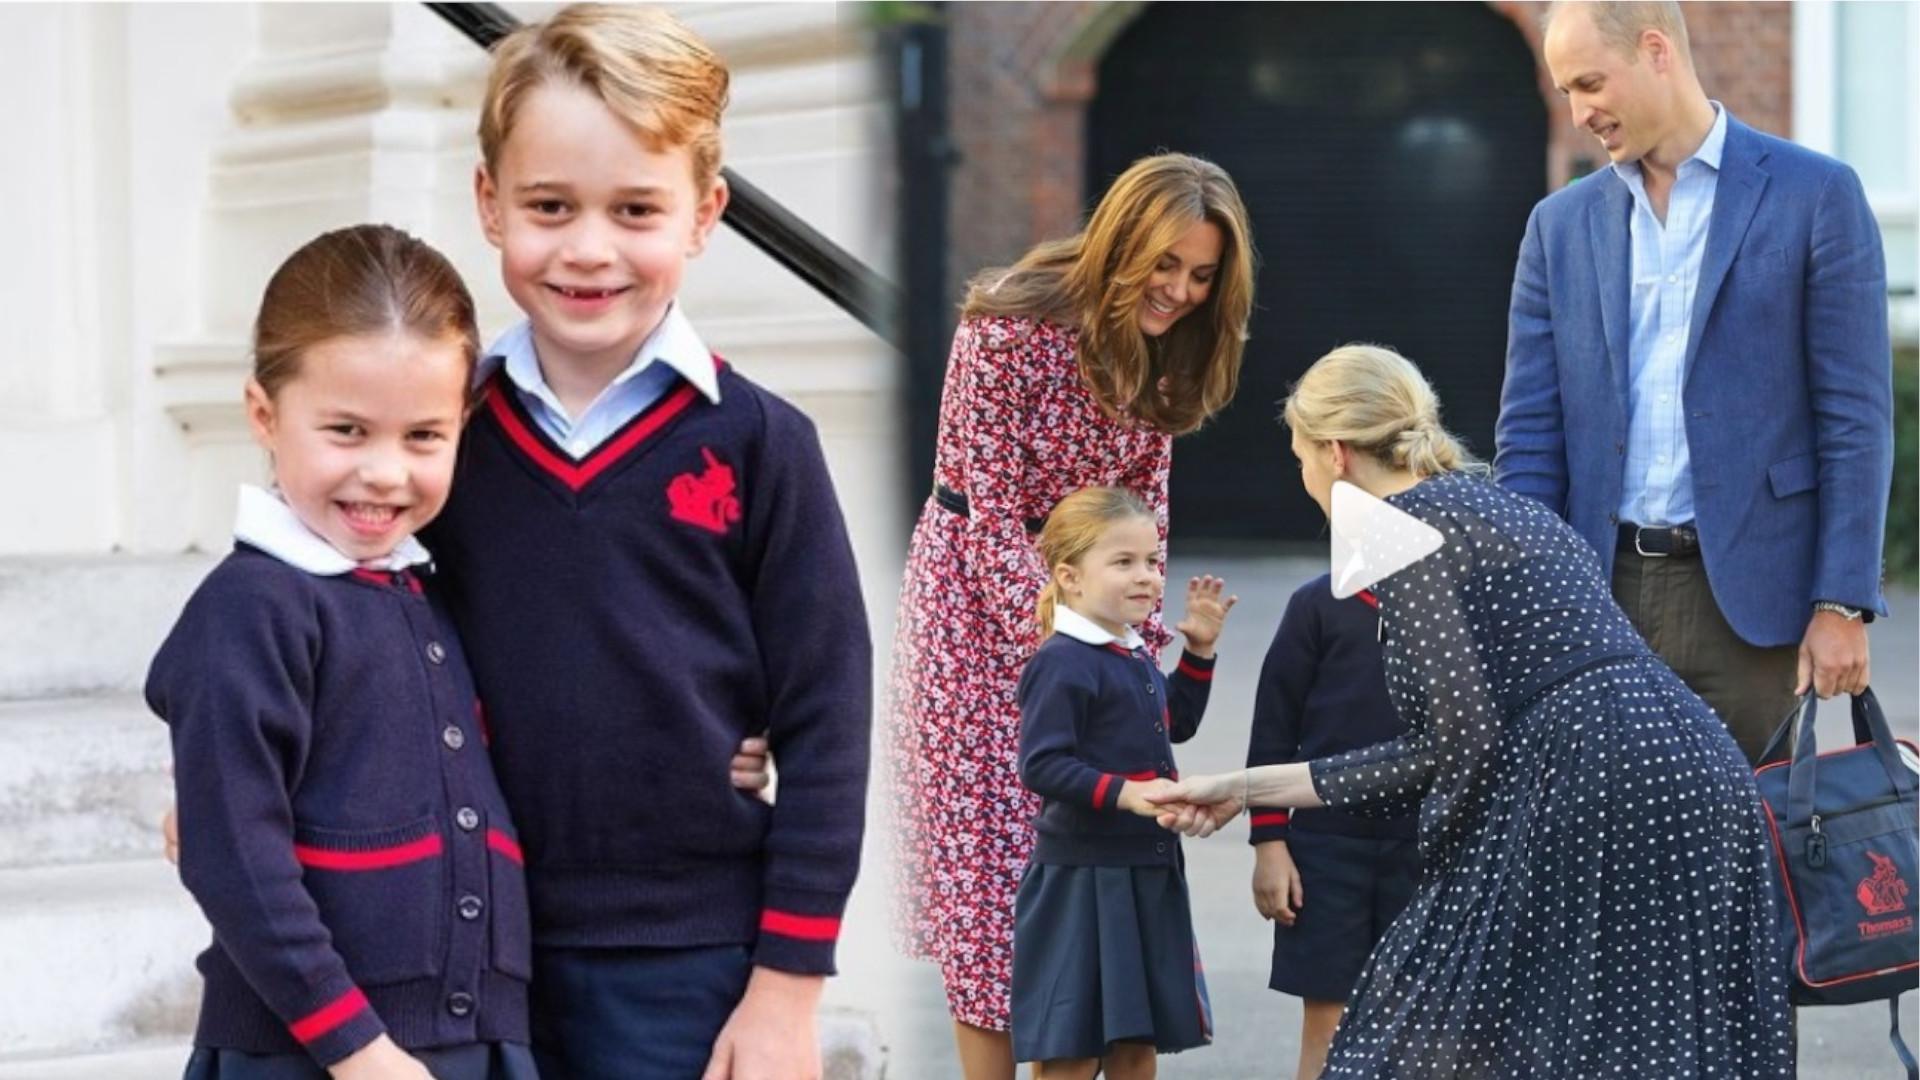 Wiemy, o czym William i Kate rozmawiali z NAUCZYCIELKĄ przed szkołą (WIDEO)